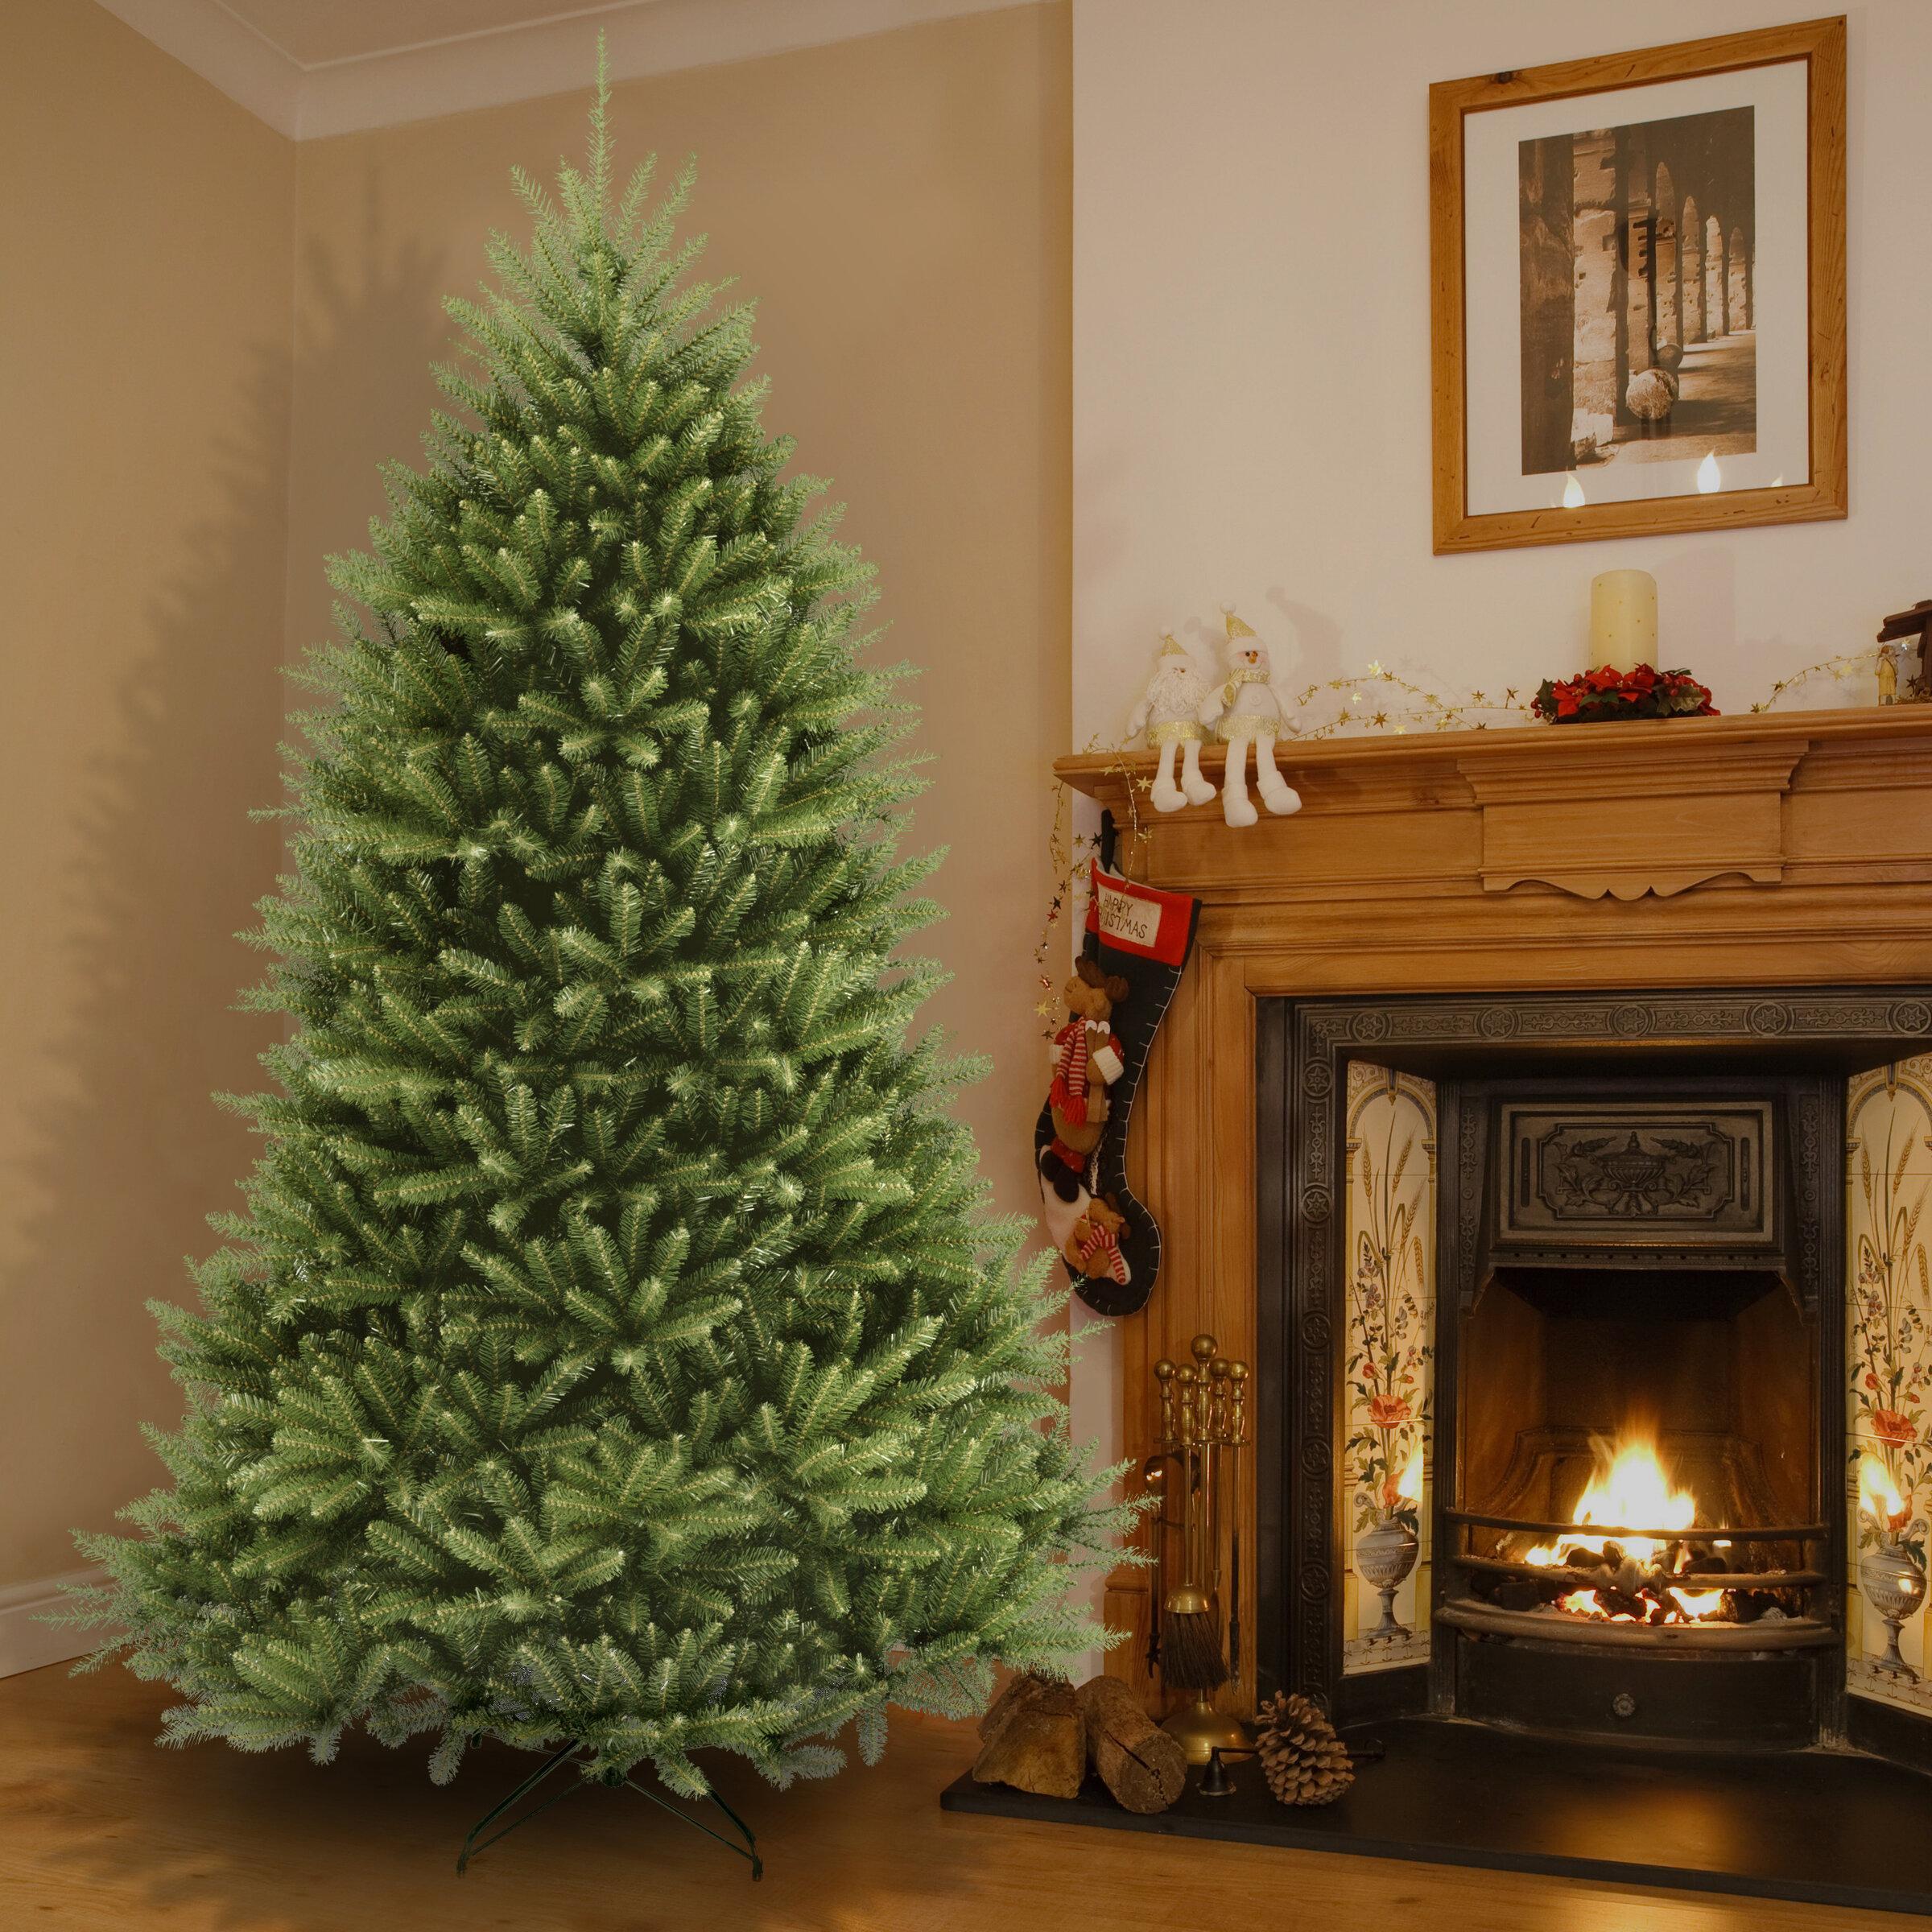 Dunhill Green Fir Artificial Christmas Tree Reviews Birch Lane